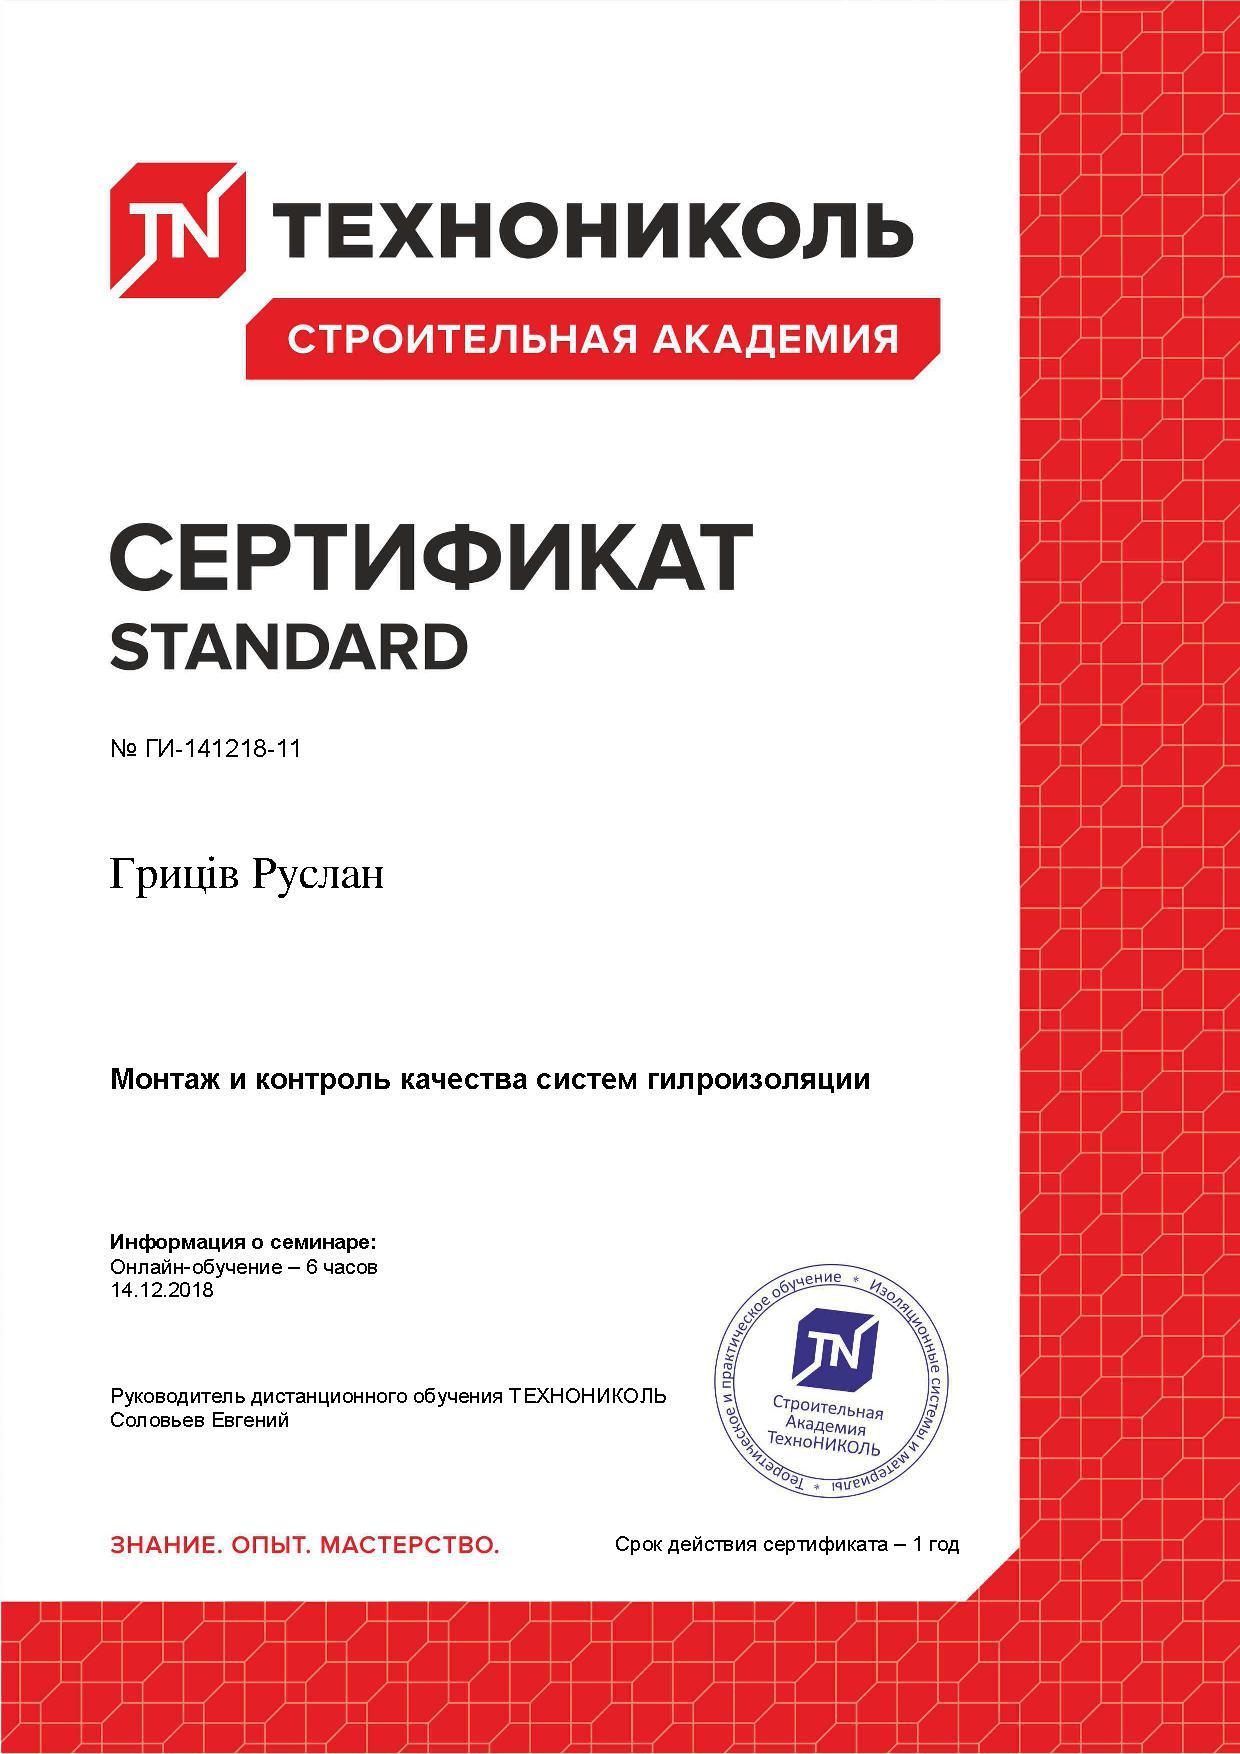 Сертифікат Техноніколь Гриців Руслан